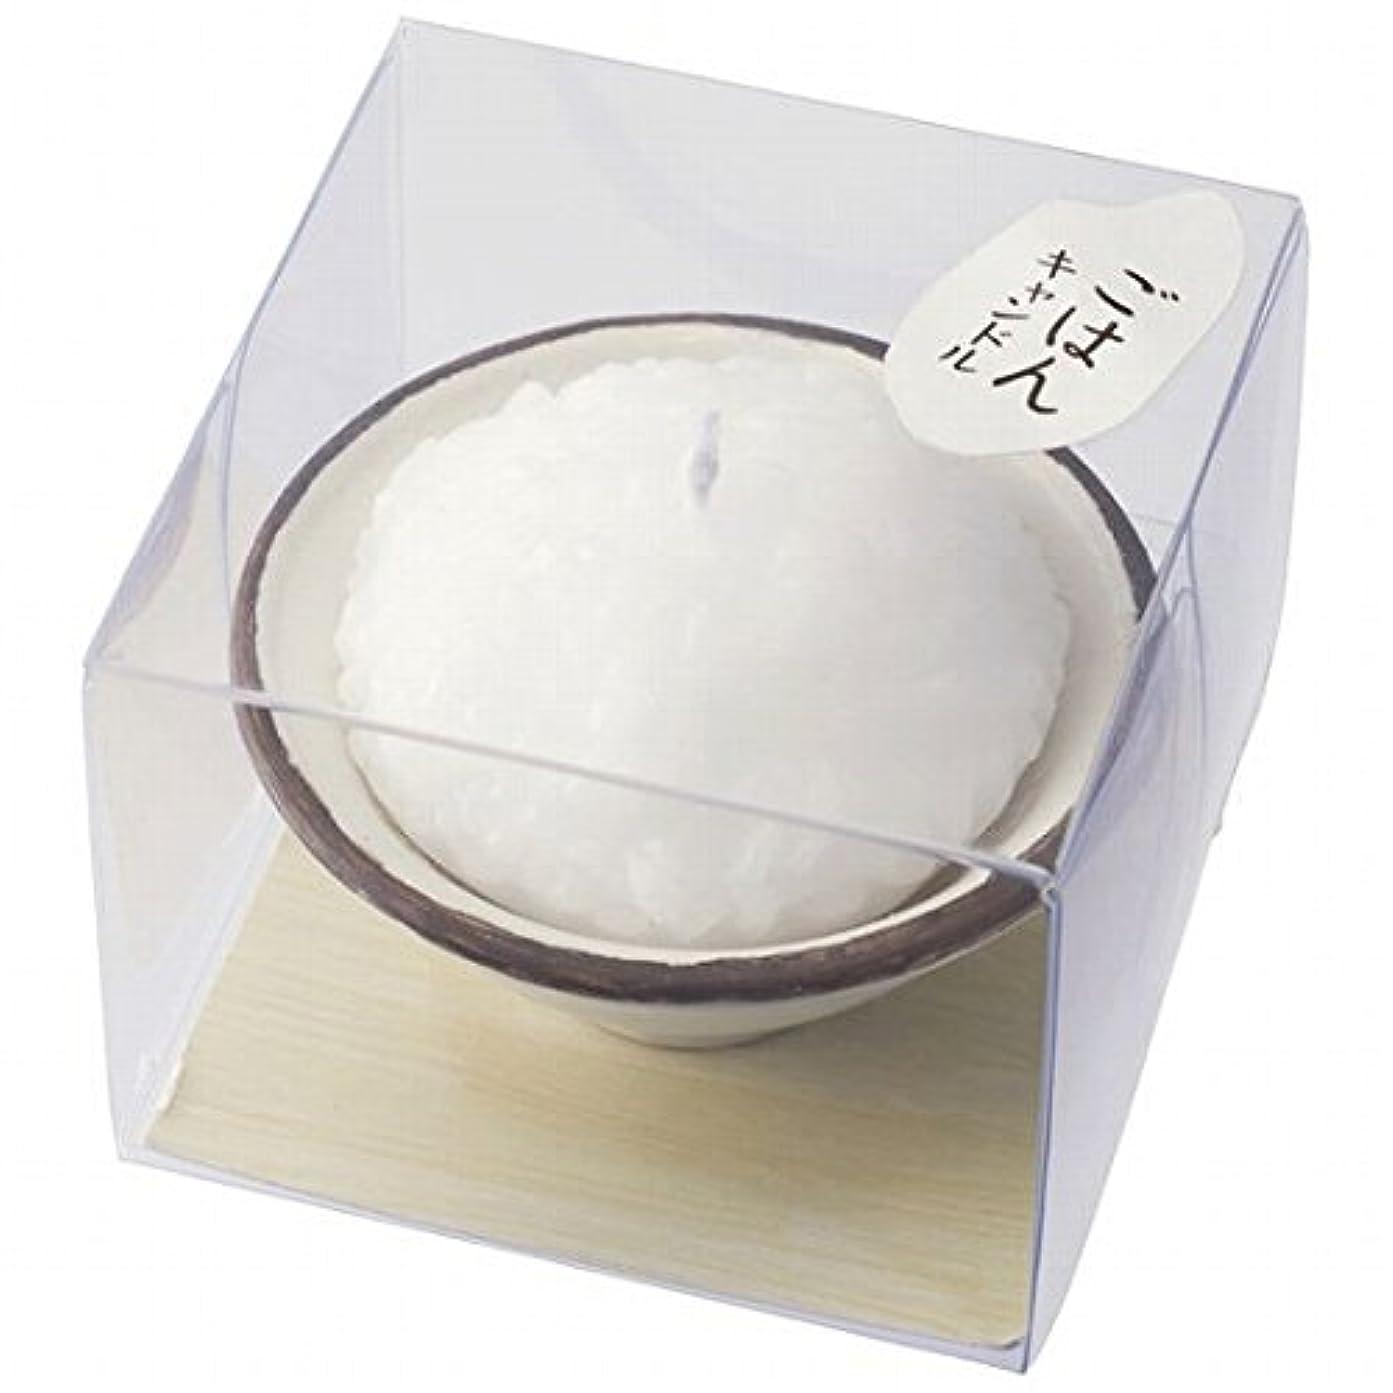 消毒するトンネル本質的にカメヤマキャンドル(kameyama candle) ごはんキャンドル